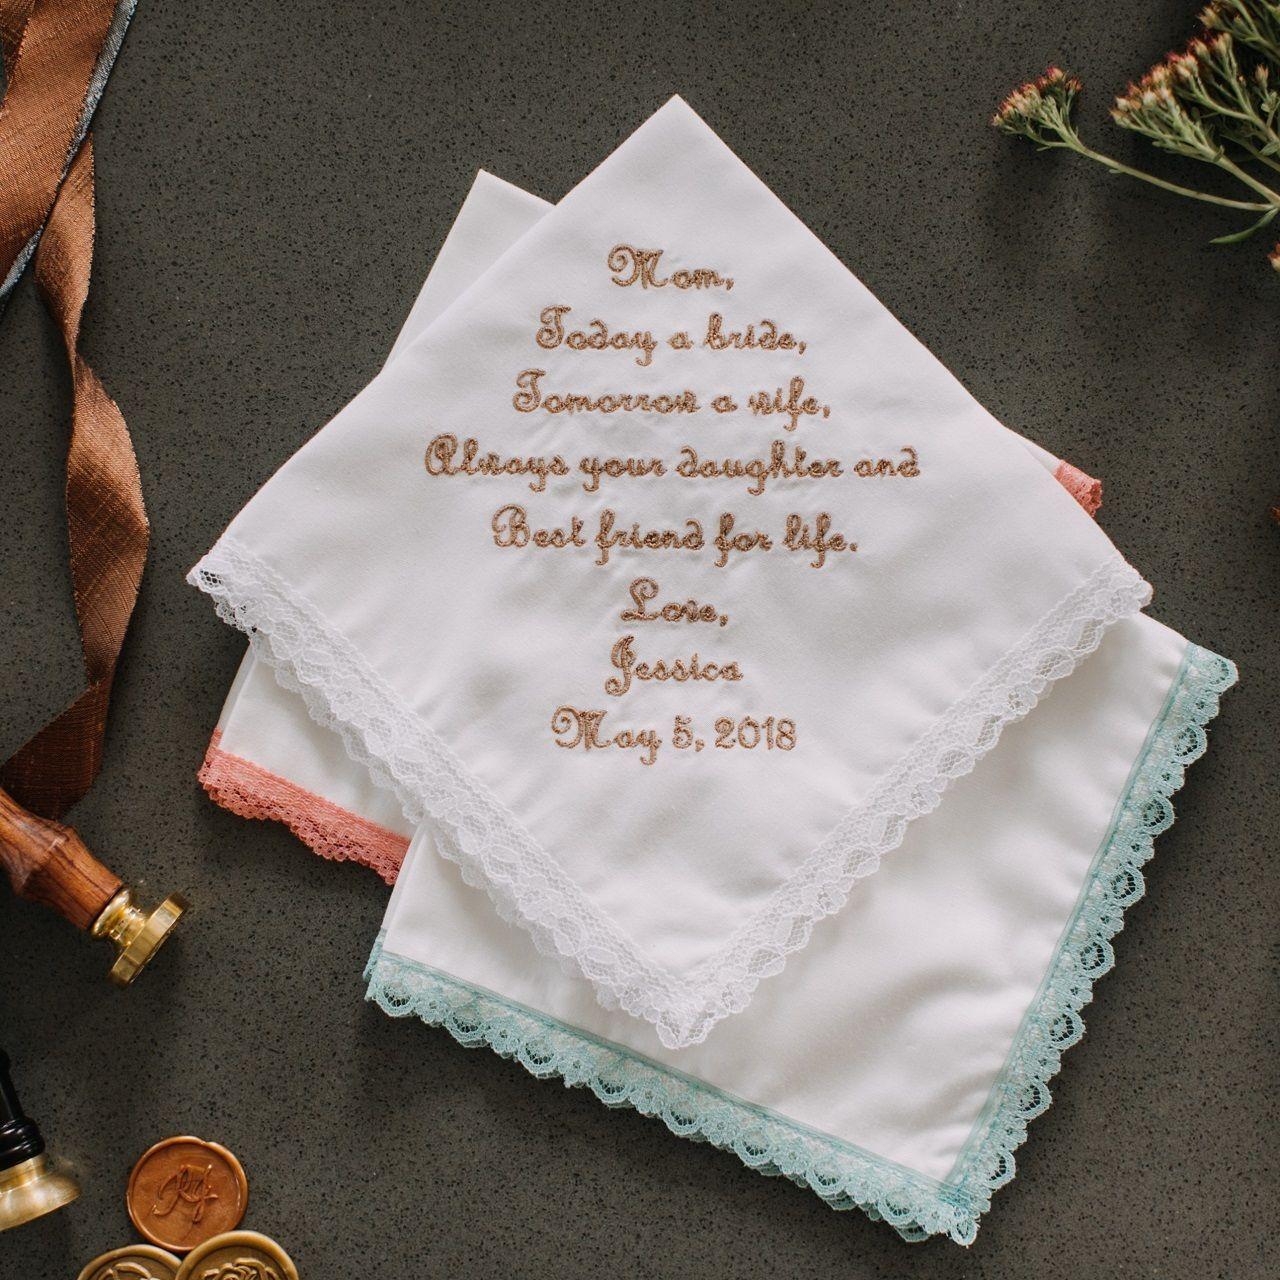 the Handkerchief Shop - Mother of the Bride Hanky Gift {Best Friend}, $32.95